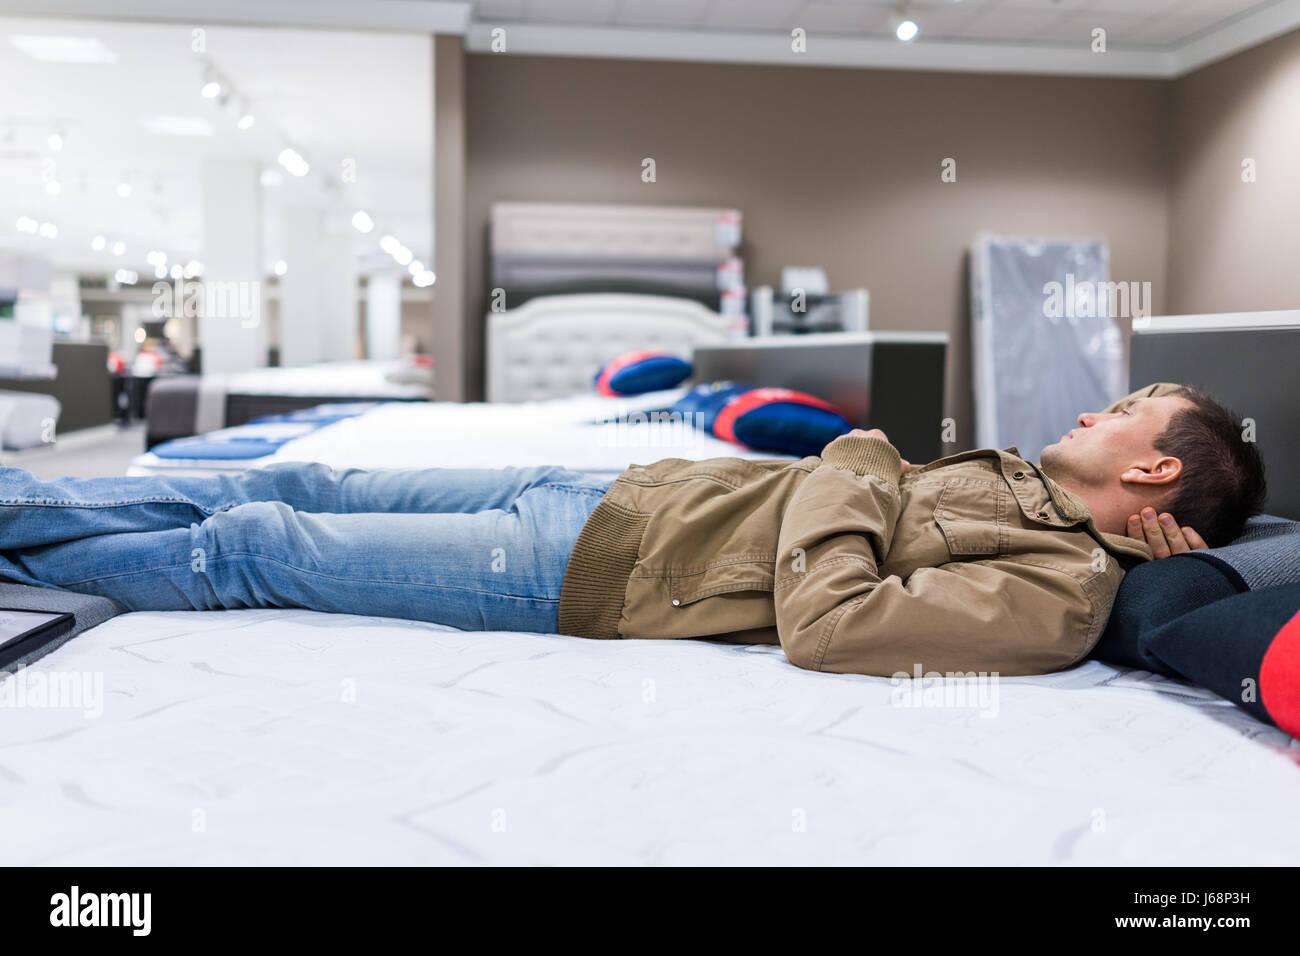 Junger Mann Festlegung auf Matratze auf dem Display im Store ausprobieren Stockbild